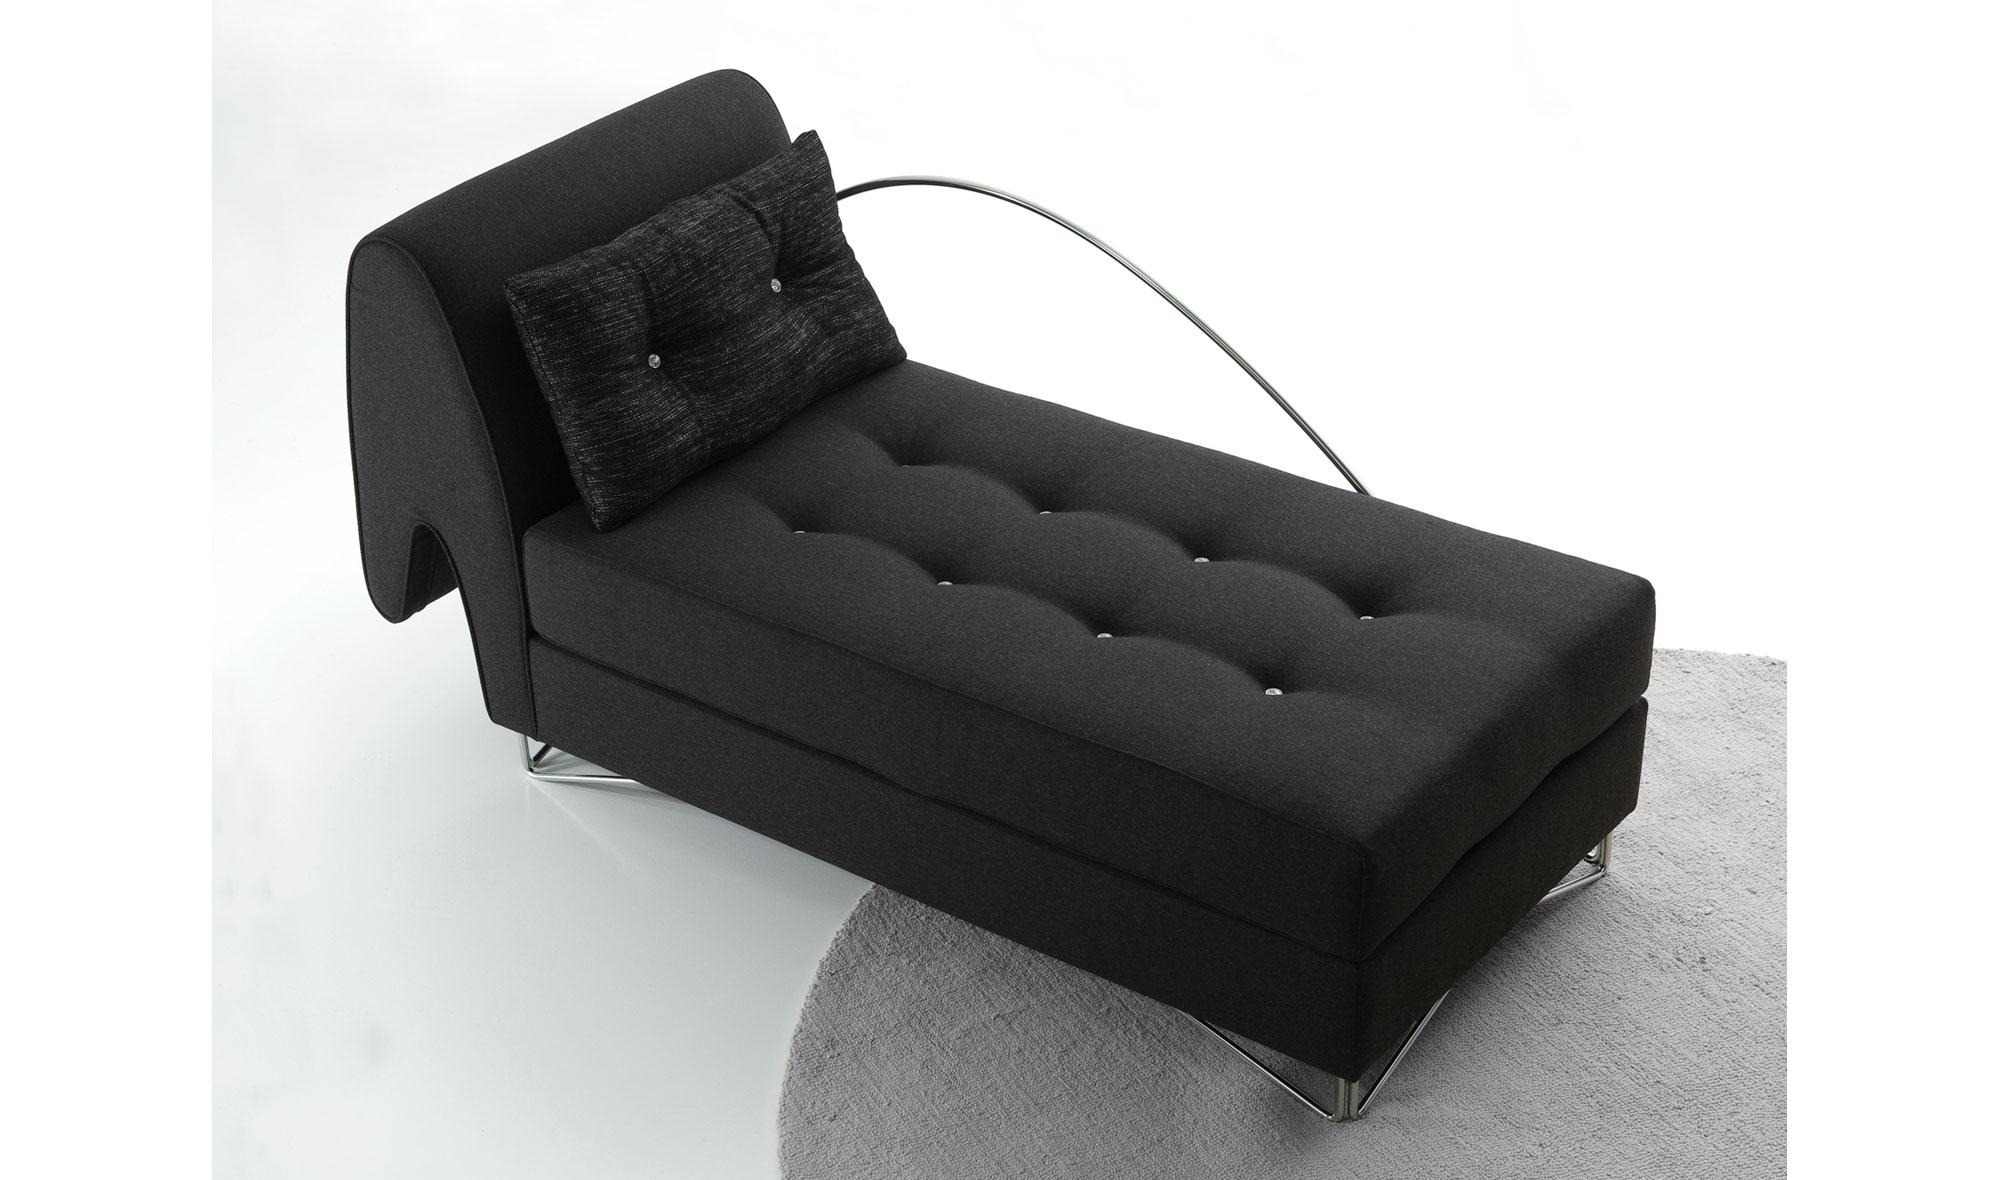 Chaise longue moderno saurio en - Chaise longue modernos ...